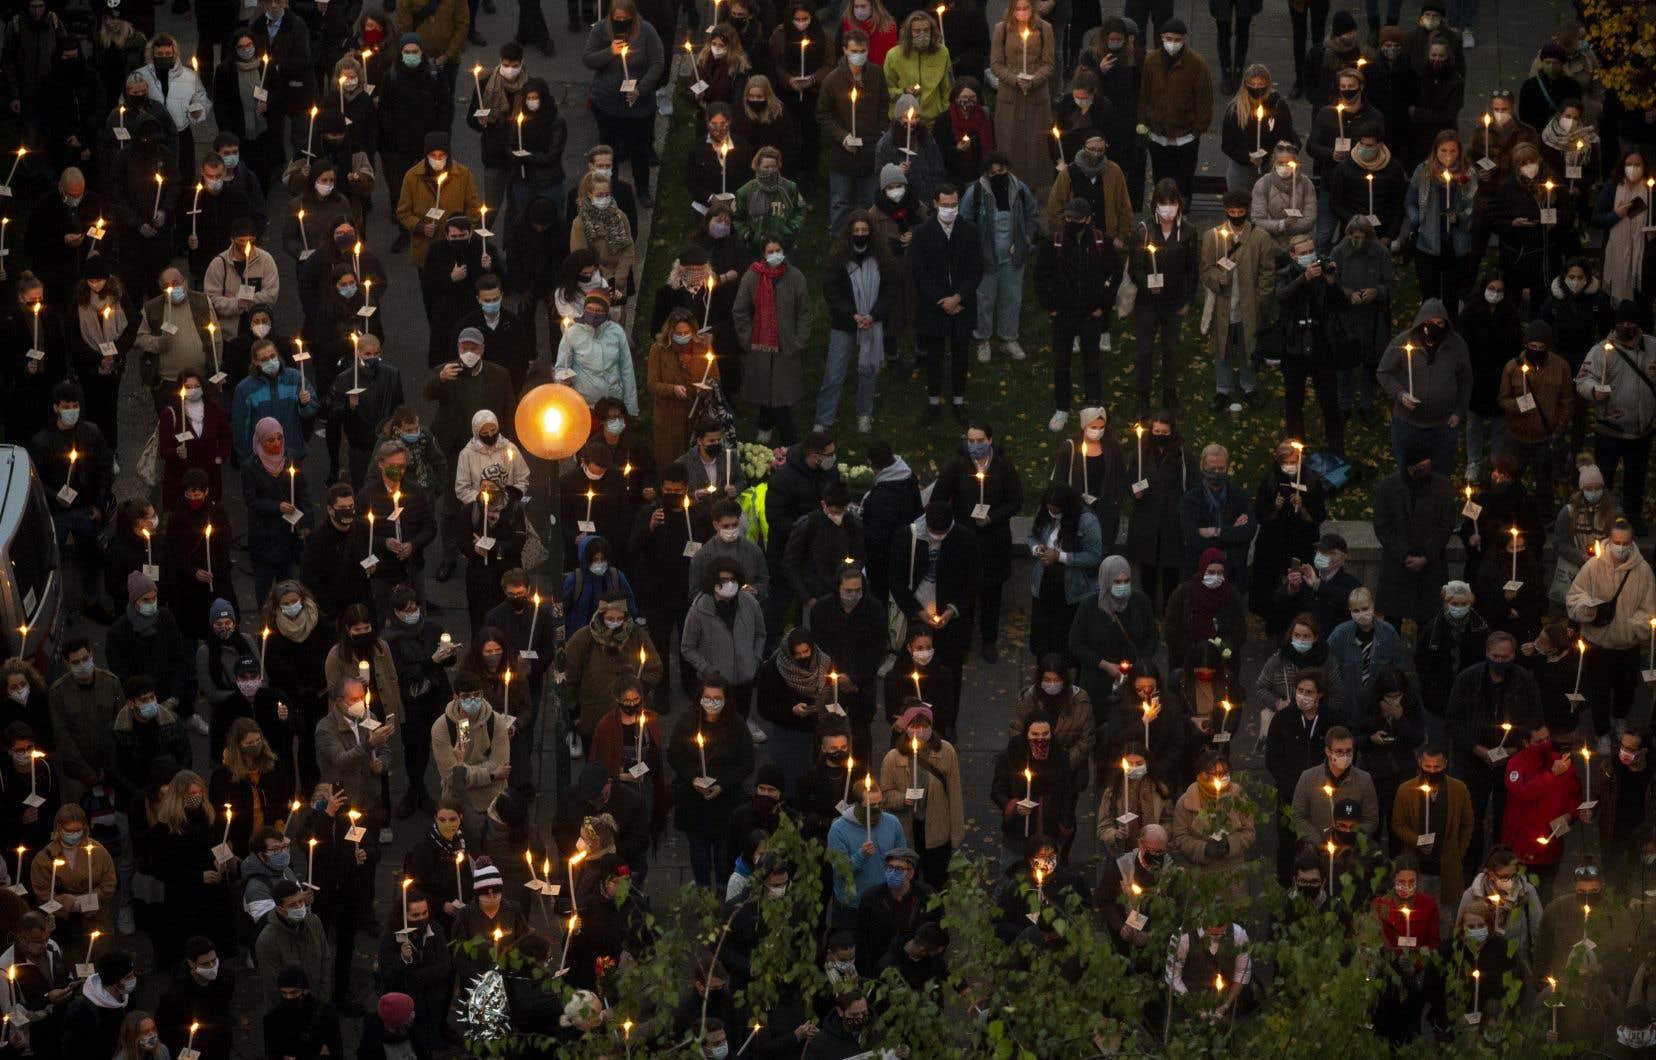 Sur les lieux de la fusillade, des centaines de Viennois se sont rassemblé jeudi soir pour une veillée aux chandelles.